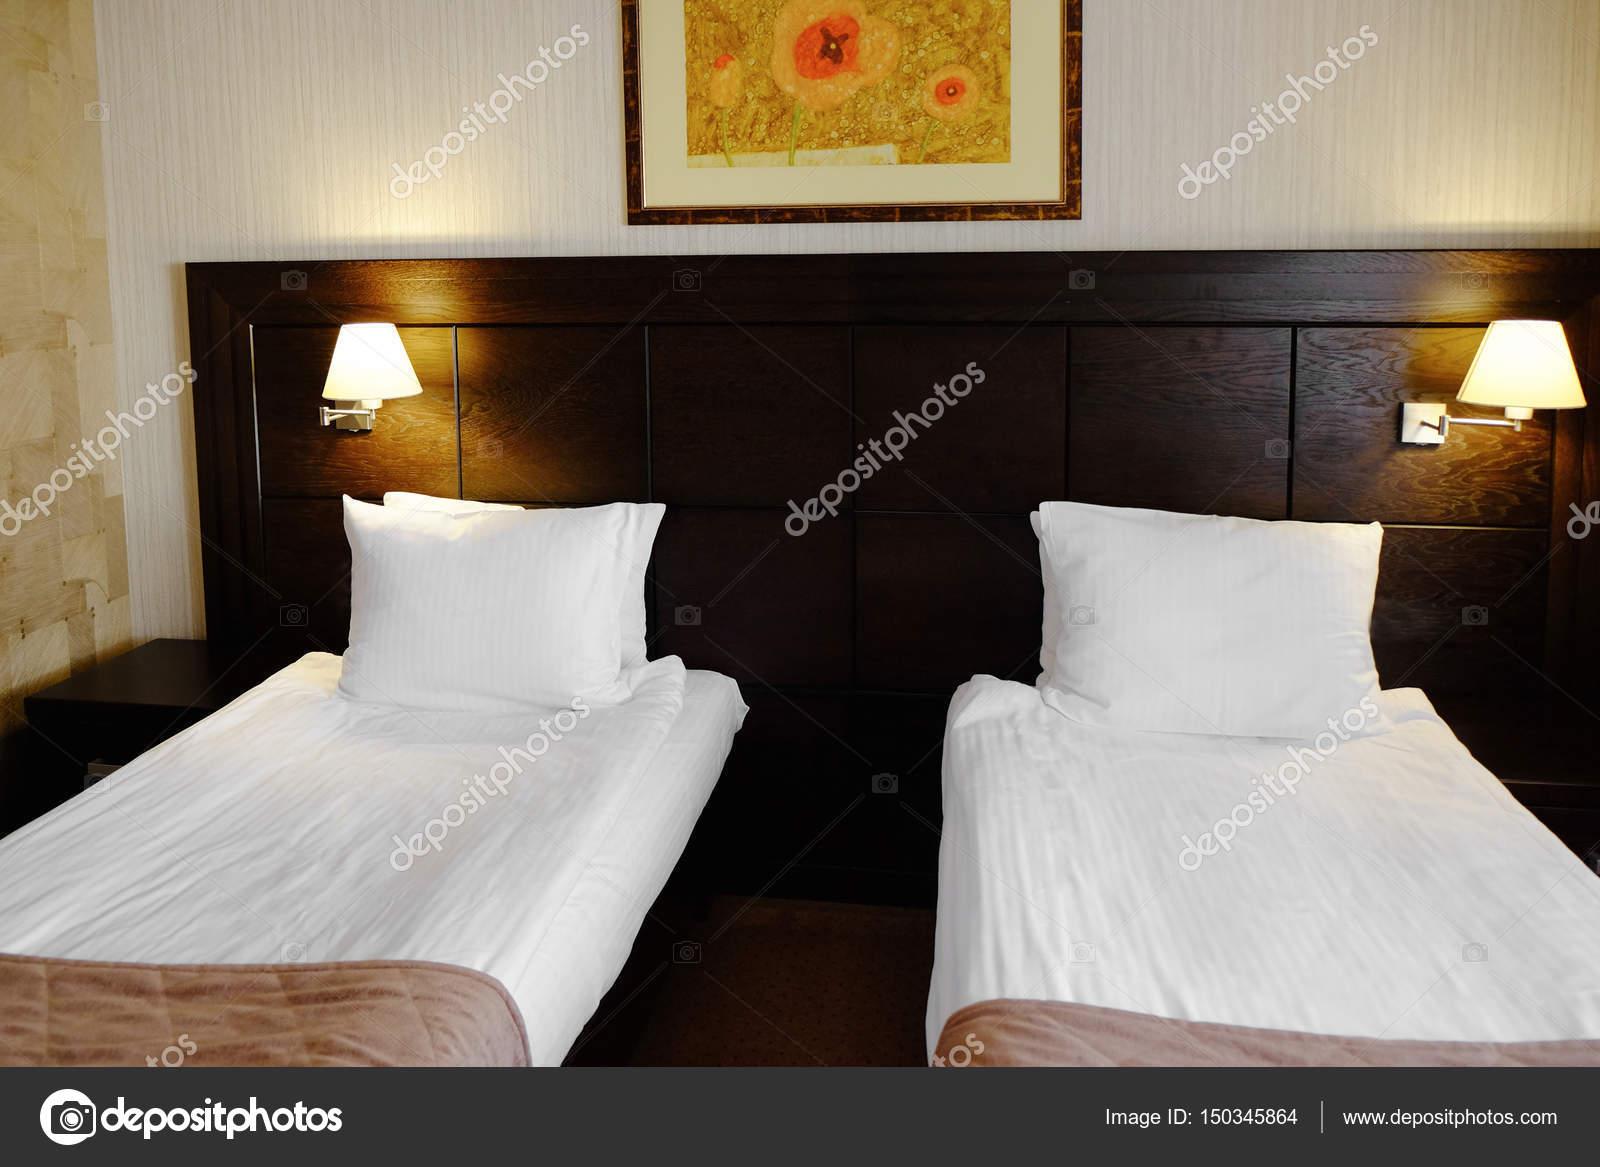 Duas Camas No Quarto De Hotel Fotografias De Stock Belchonock  ~ Quarto Com Duas Camas Com Mansões De Luxo Quarto